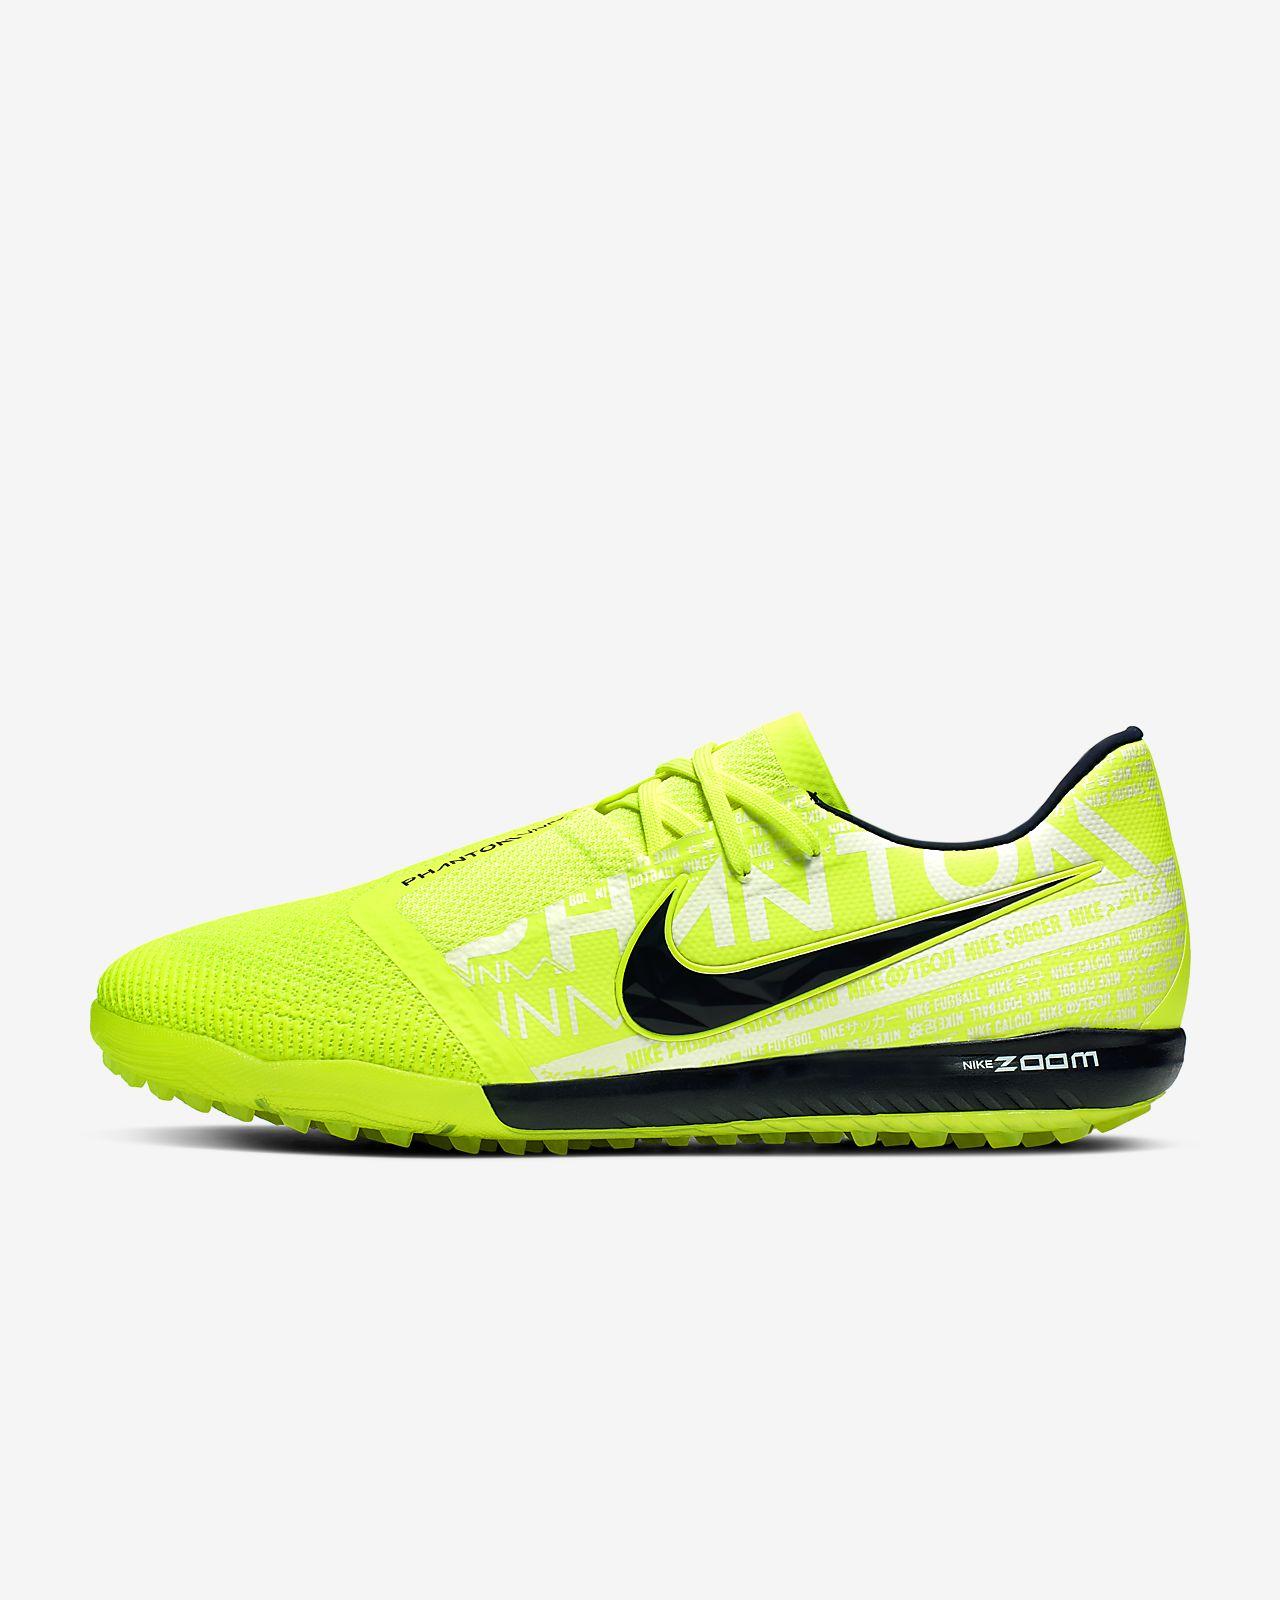 Nike Zoom Phantom Venom Pro TF Artificial-Turf Football Shoe